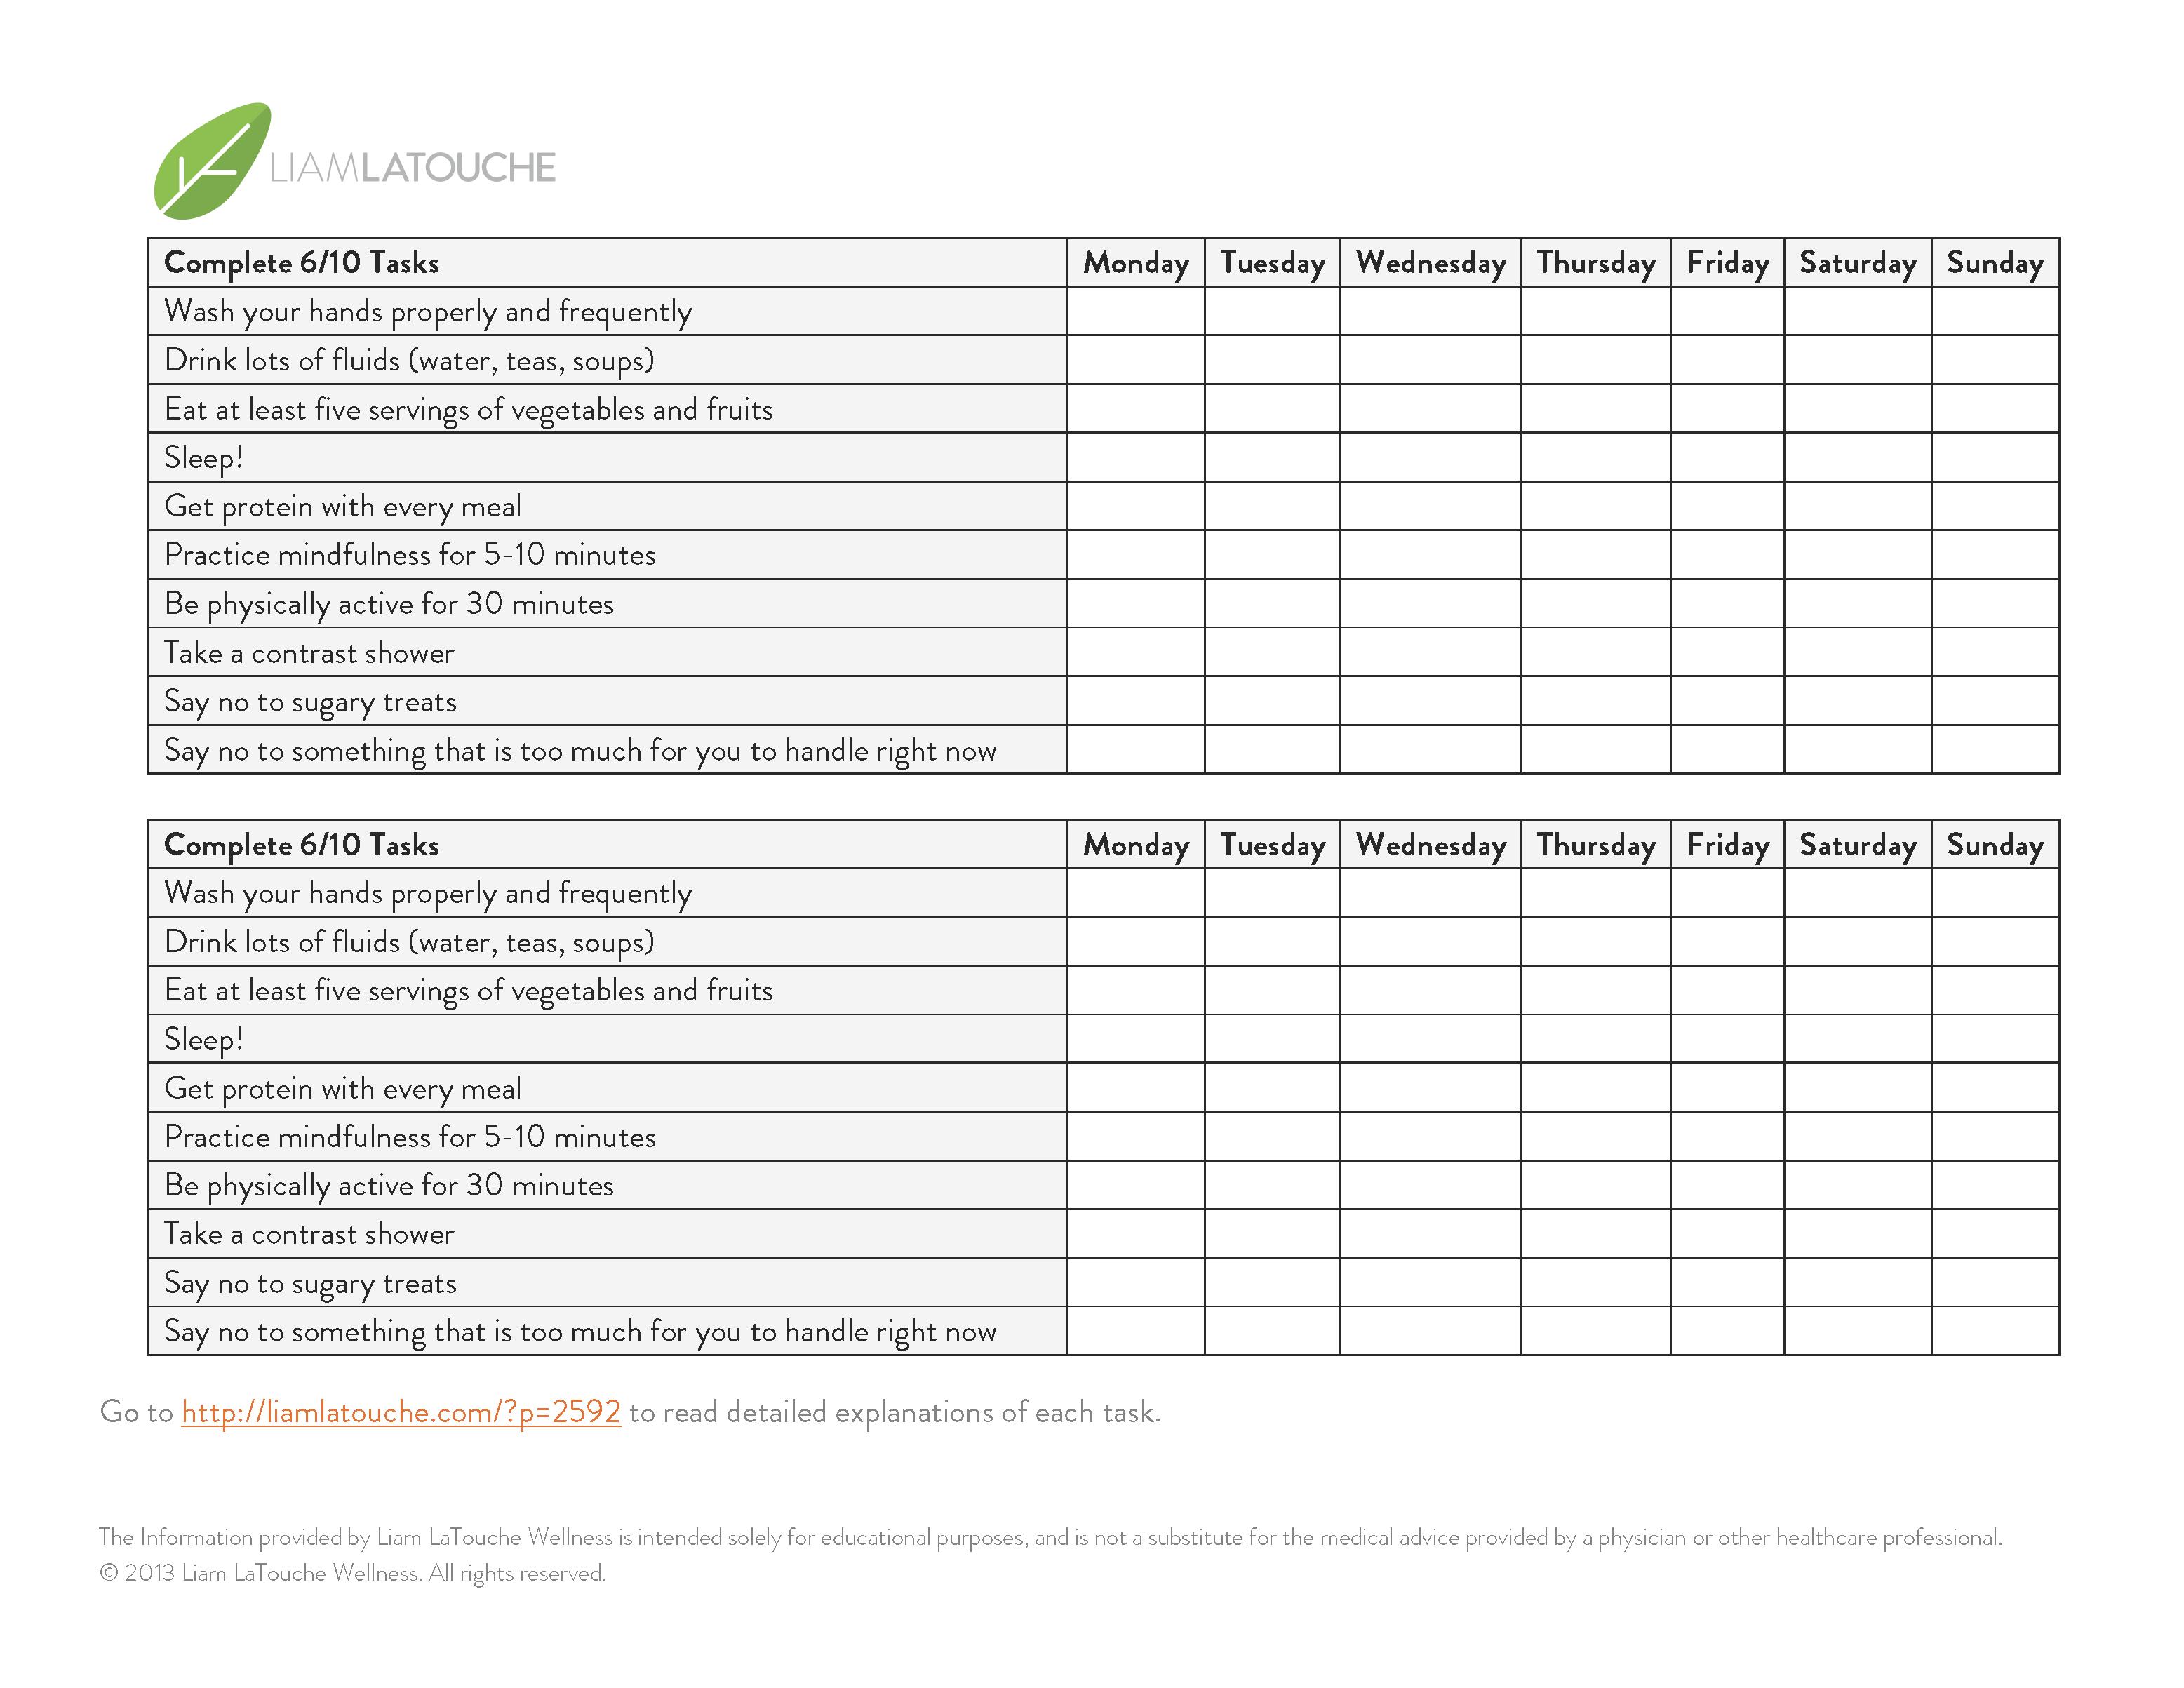 cold and flu prevention checklist liam latouche wellness